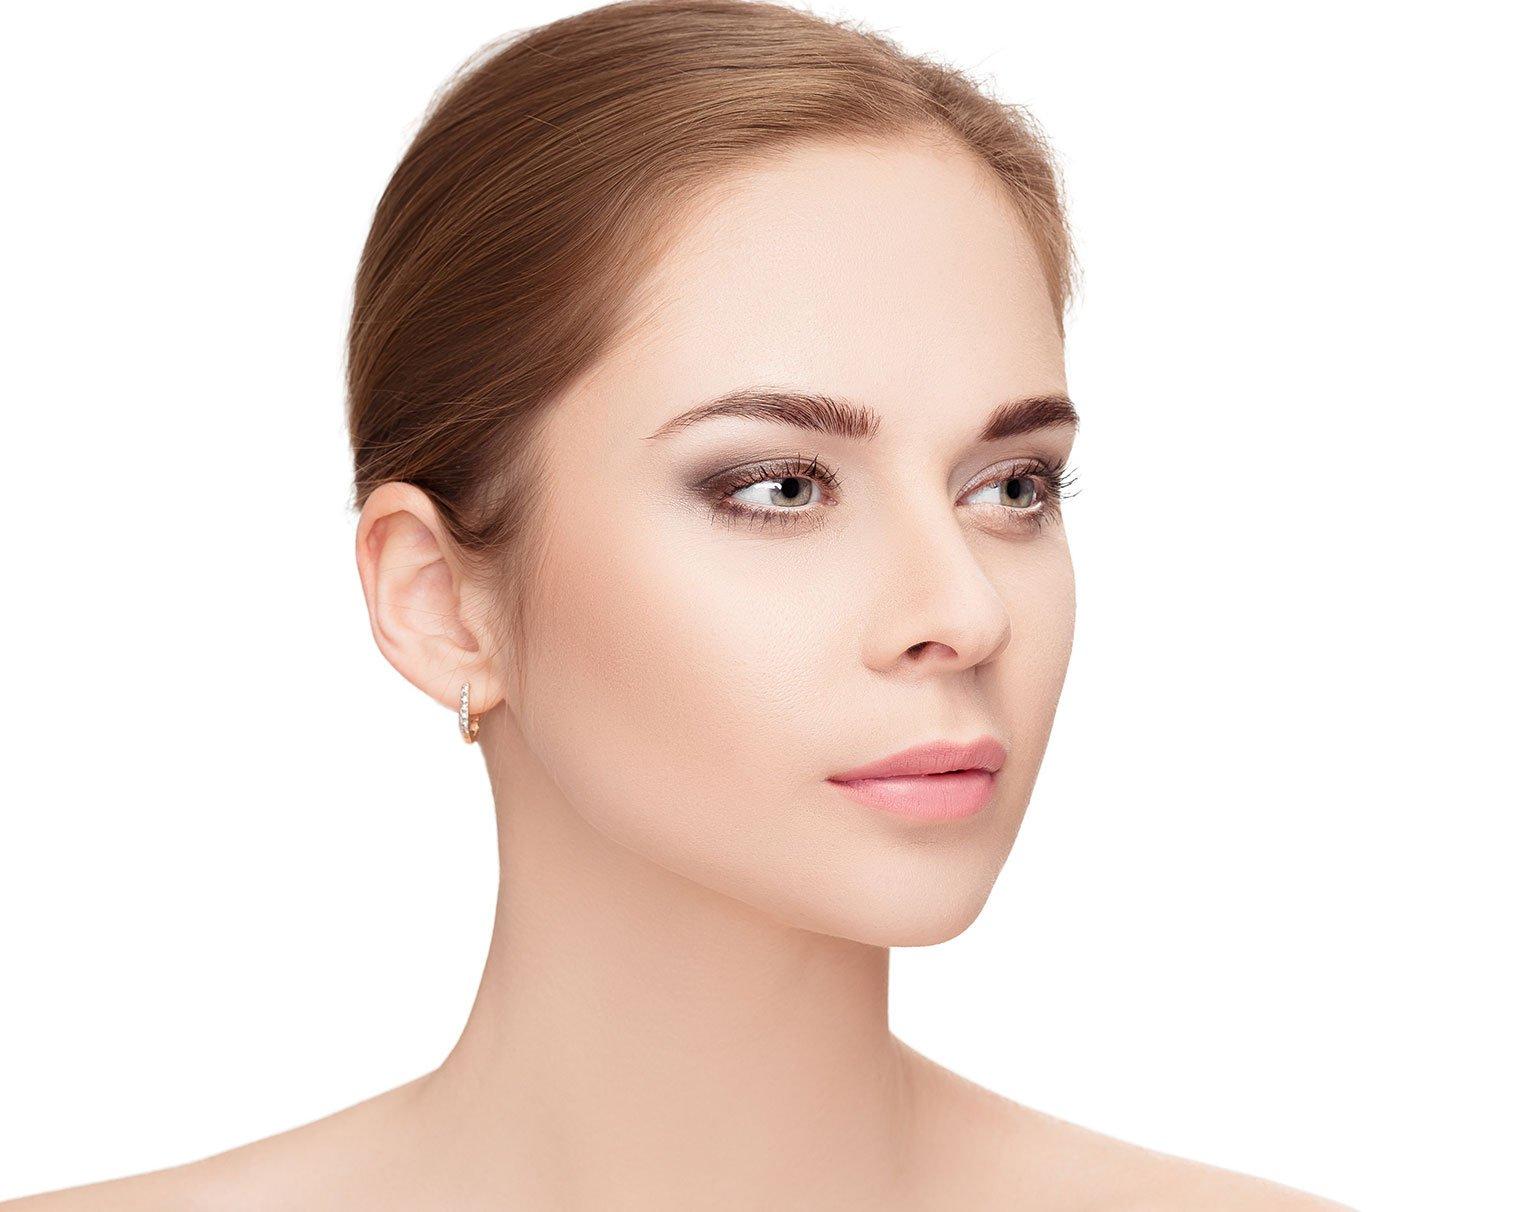 Chirurgie réparatrice du nez et des lèvres - Dr Marchac Paris 16